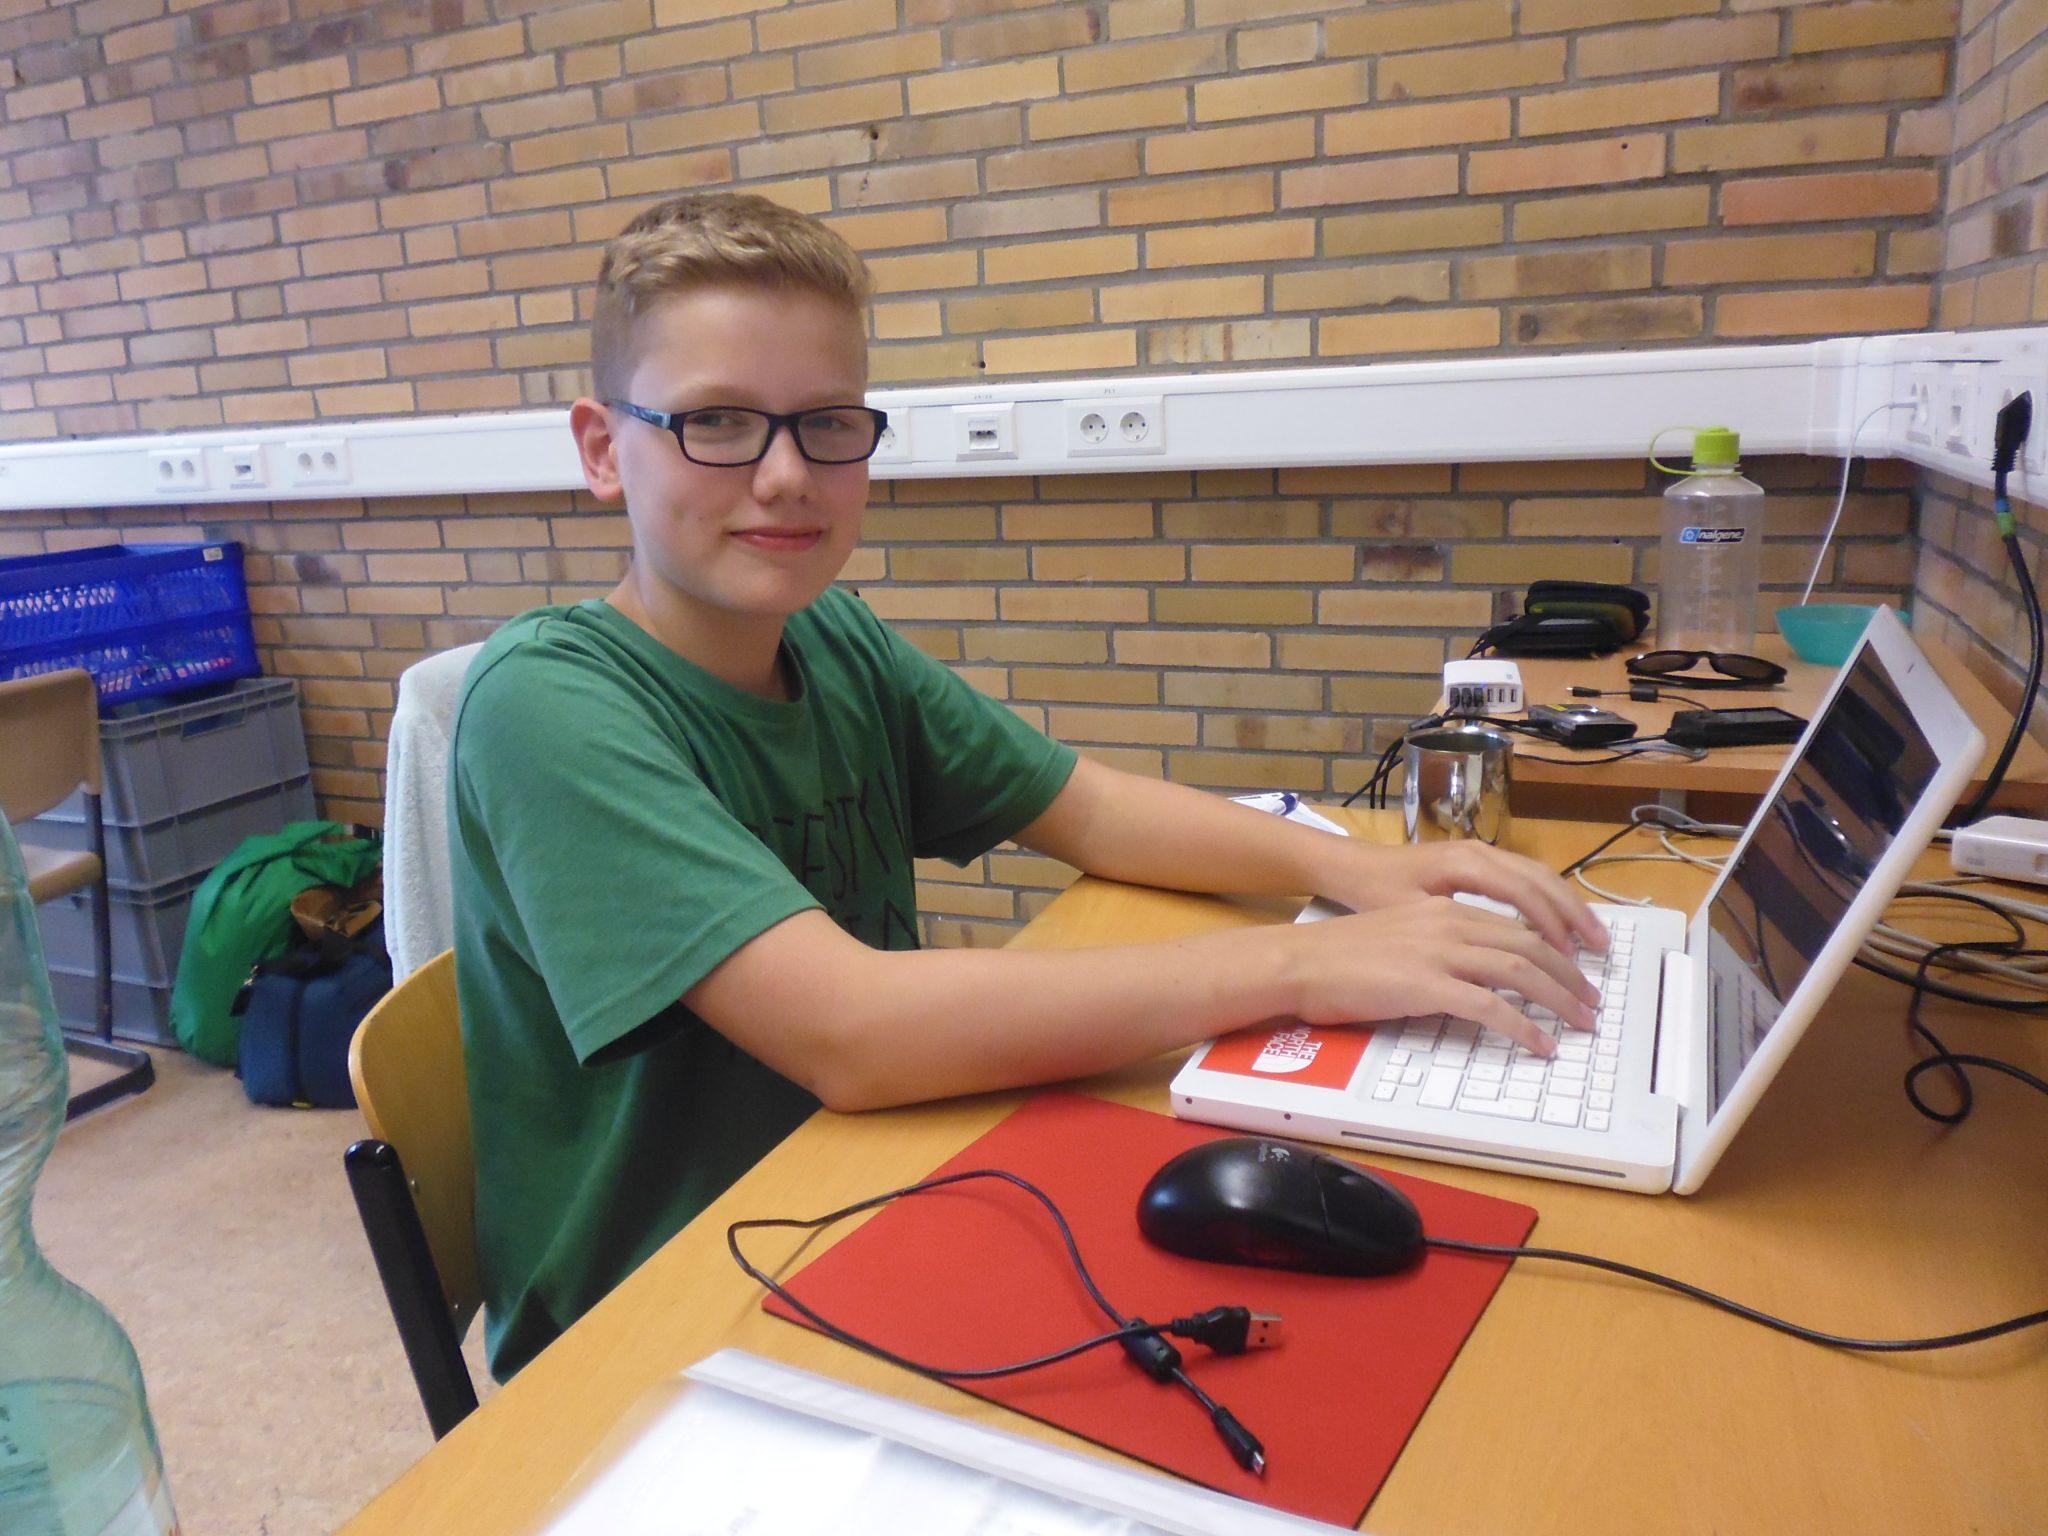 Redakteur Hartwig bei der Arbeit in der Redaktion